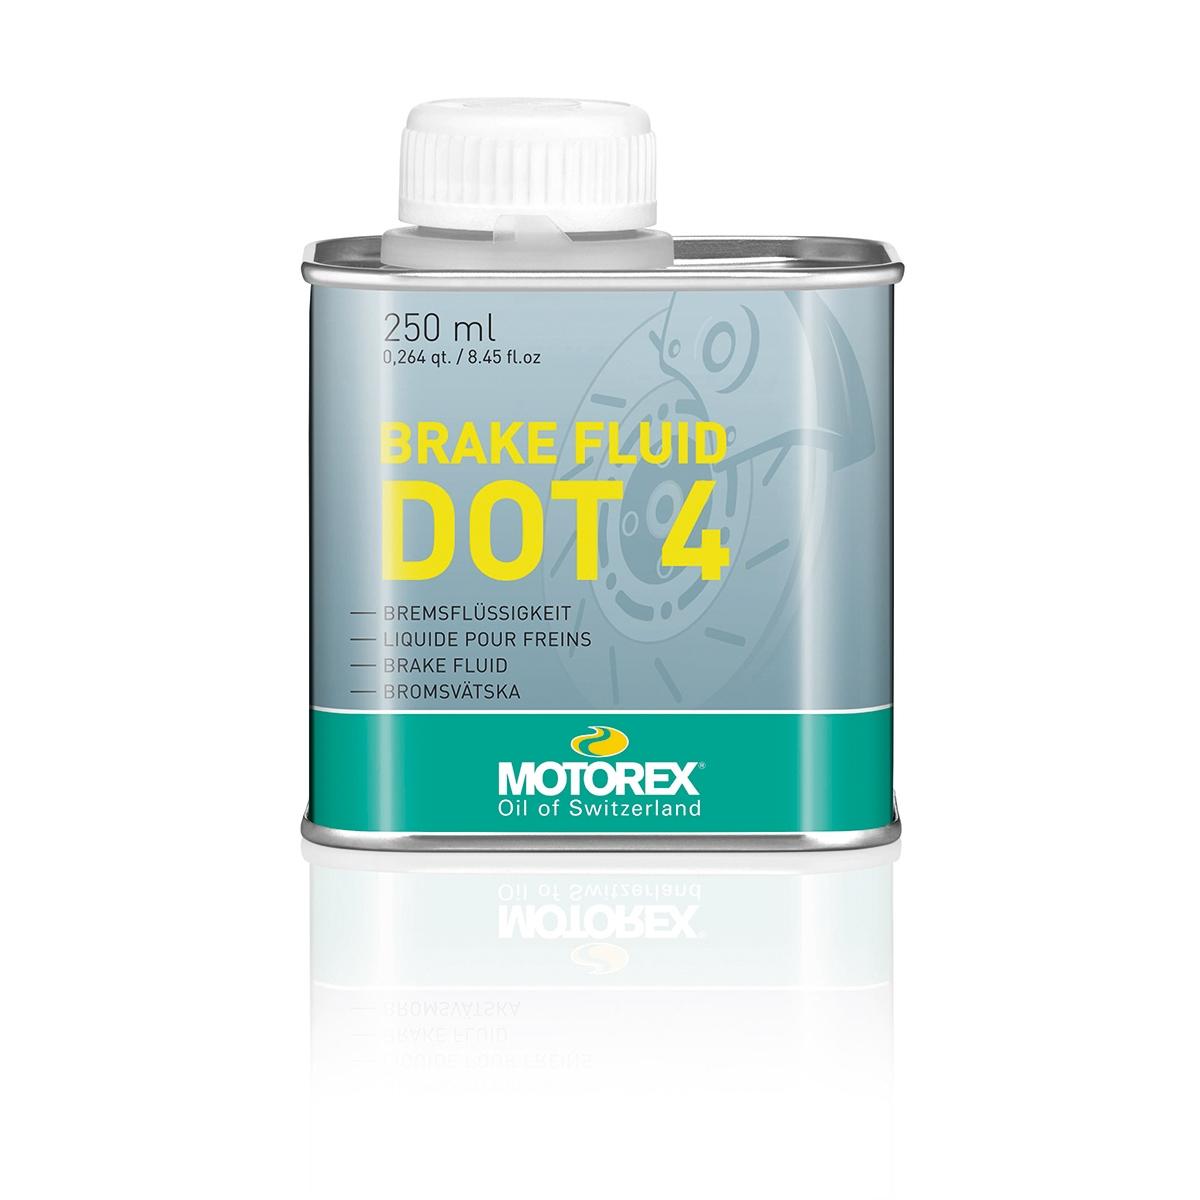 Brake Oil DOT 4 250ml Can